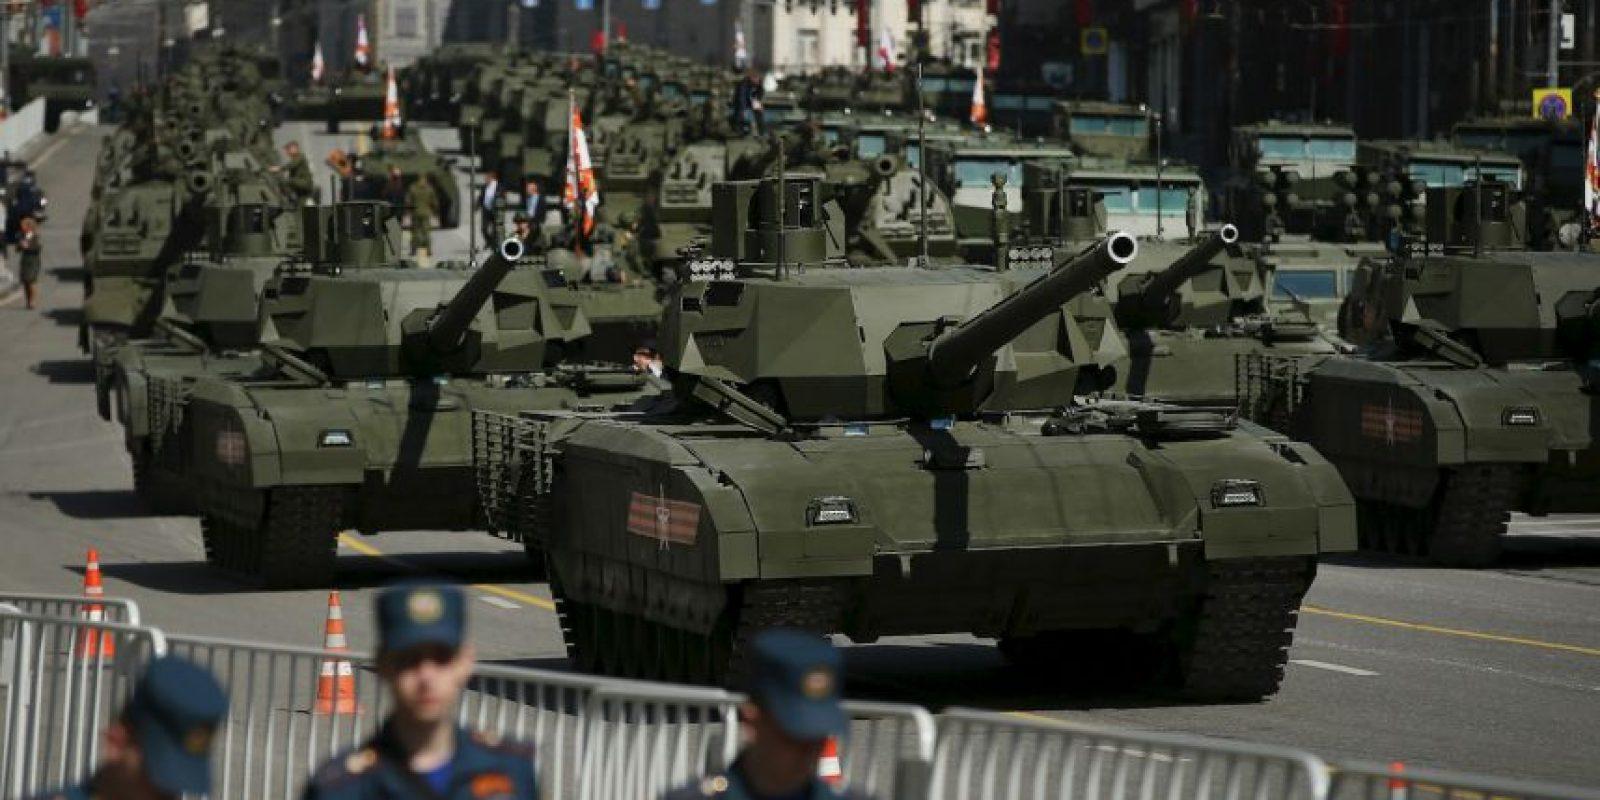 El gobierno de Rusia también presentó nuevo armamento. Foto:Getty Images